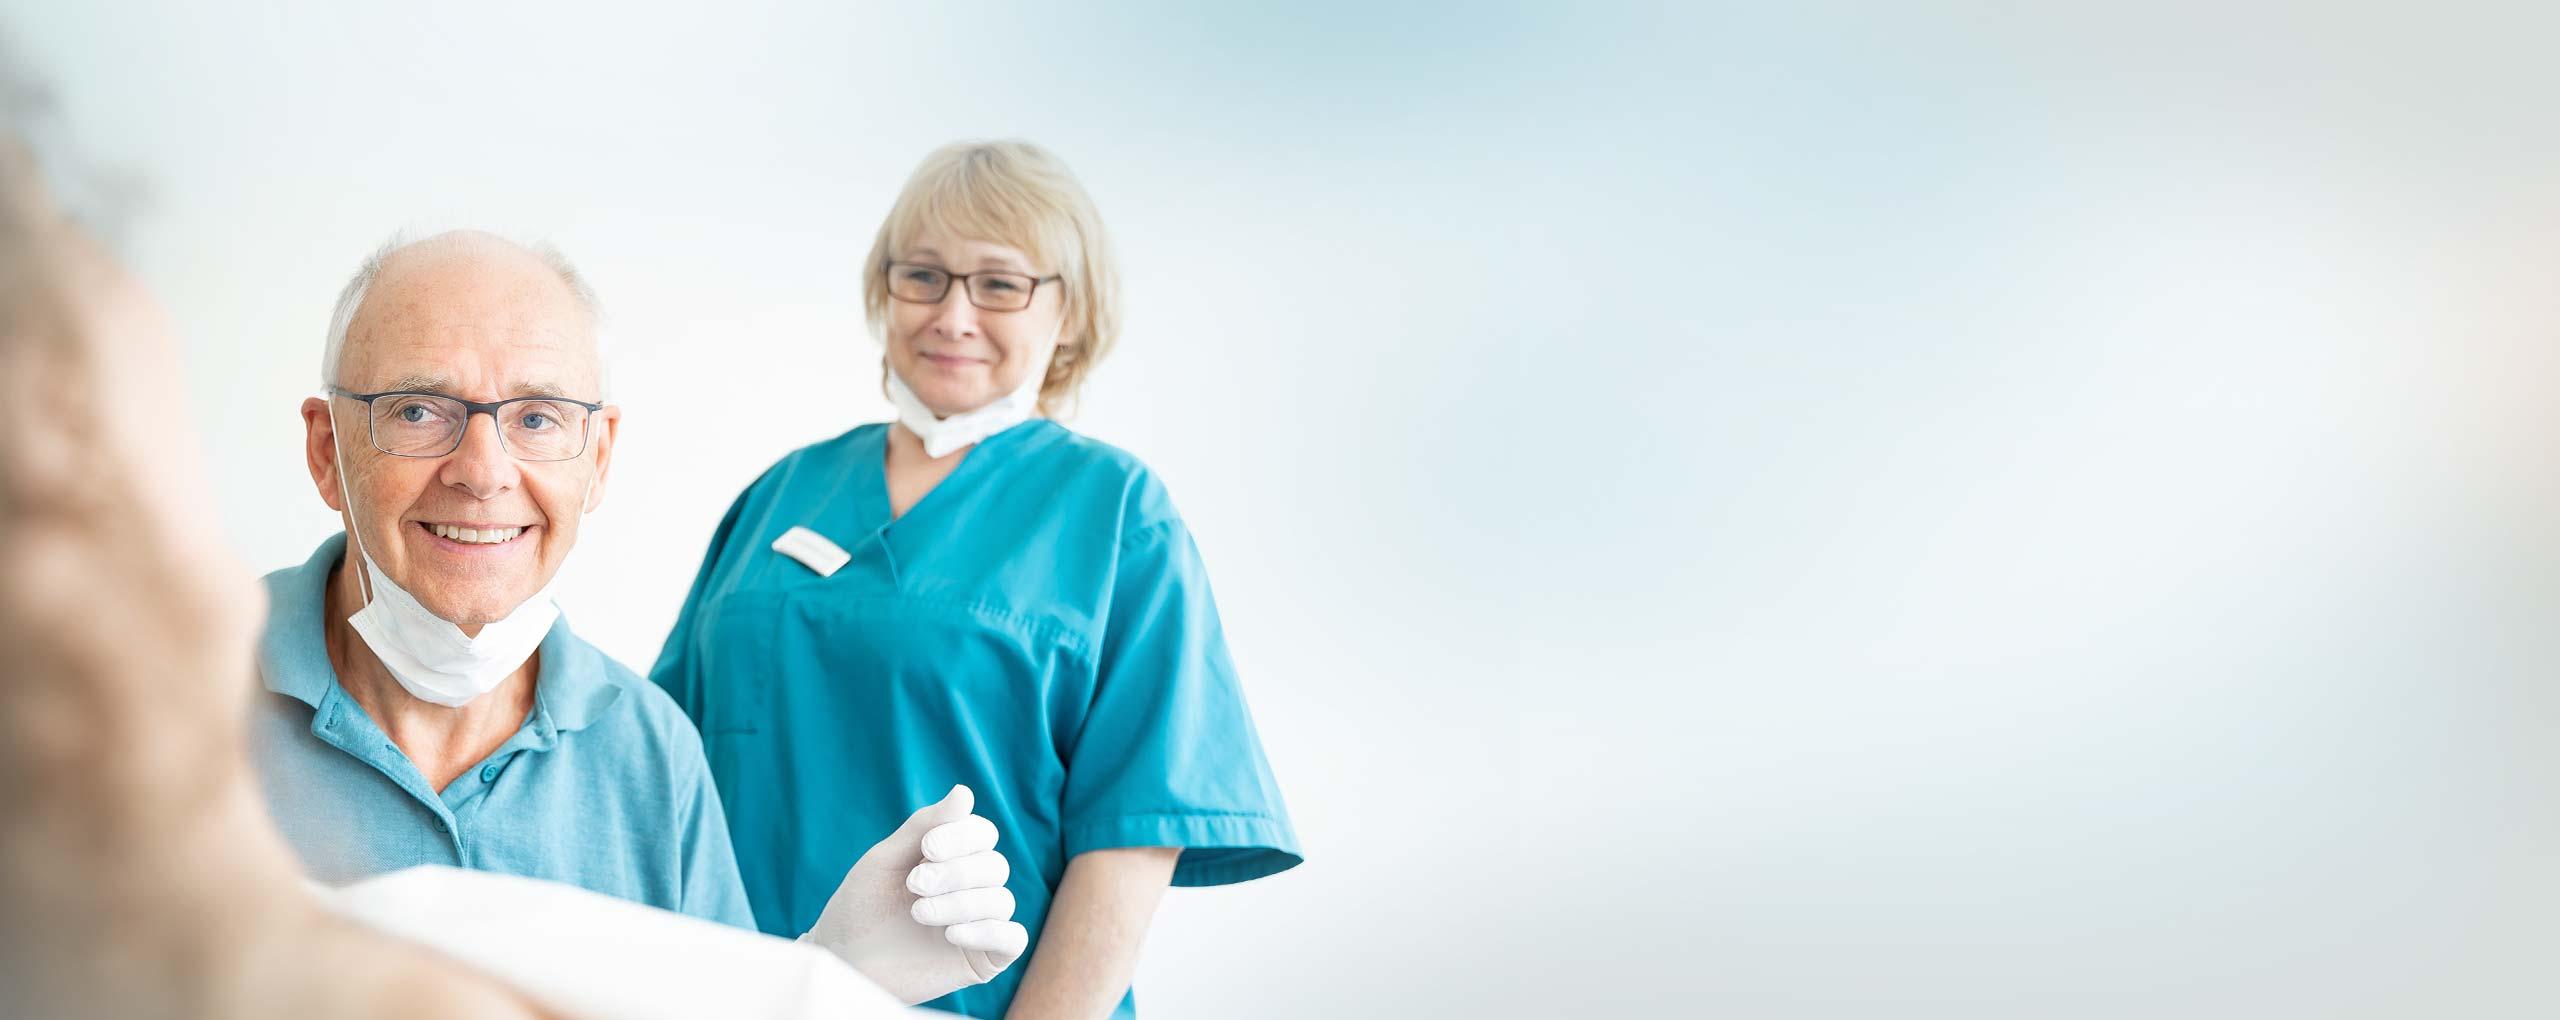 weickum zahnarzt mannheim behandlungsspektrum oralchirurgie